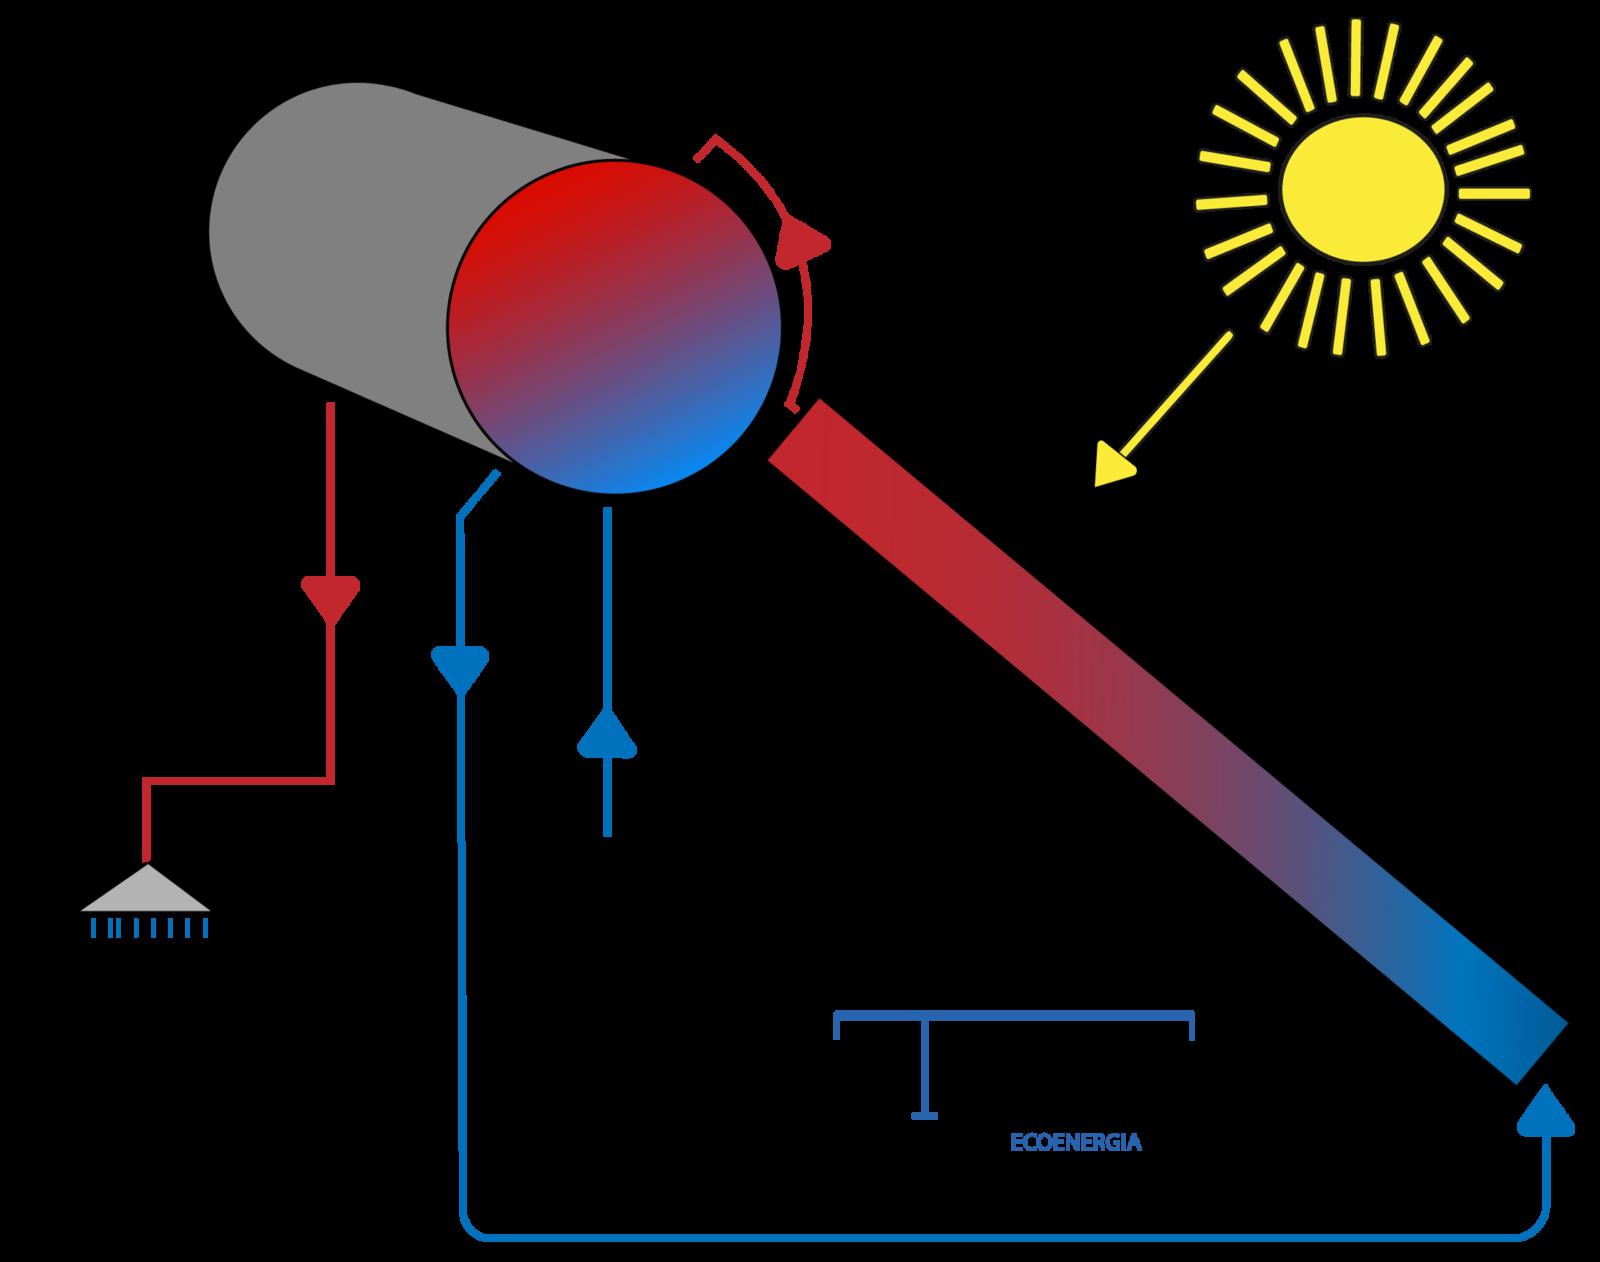 Impianto solare termico technogelox ecoenergia for Serbatoio di acqua calda in rame